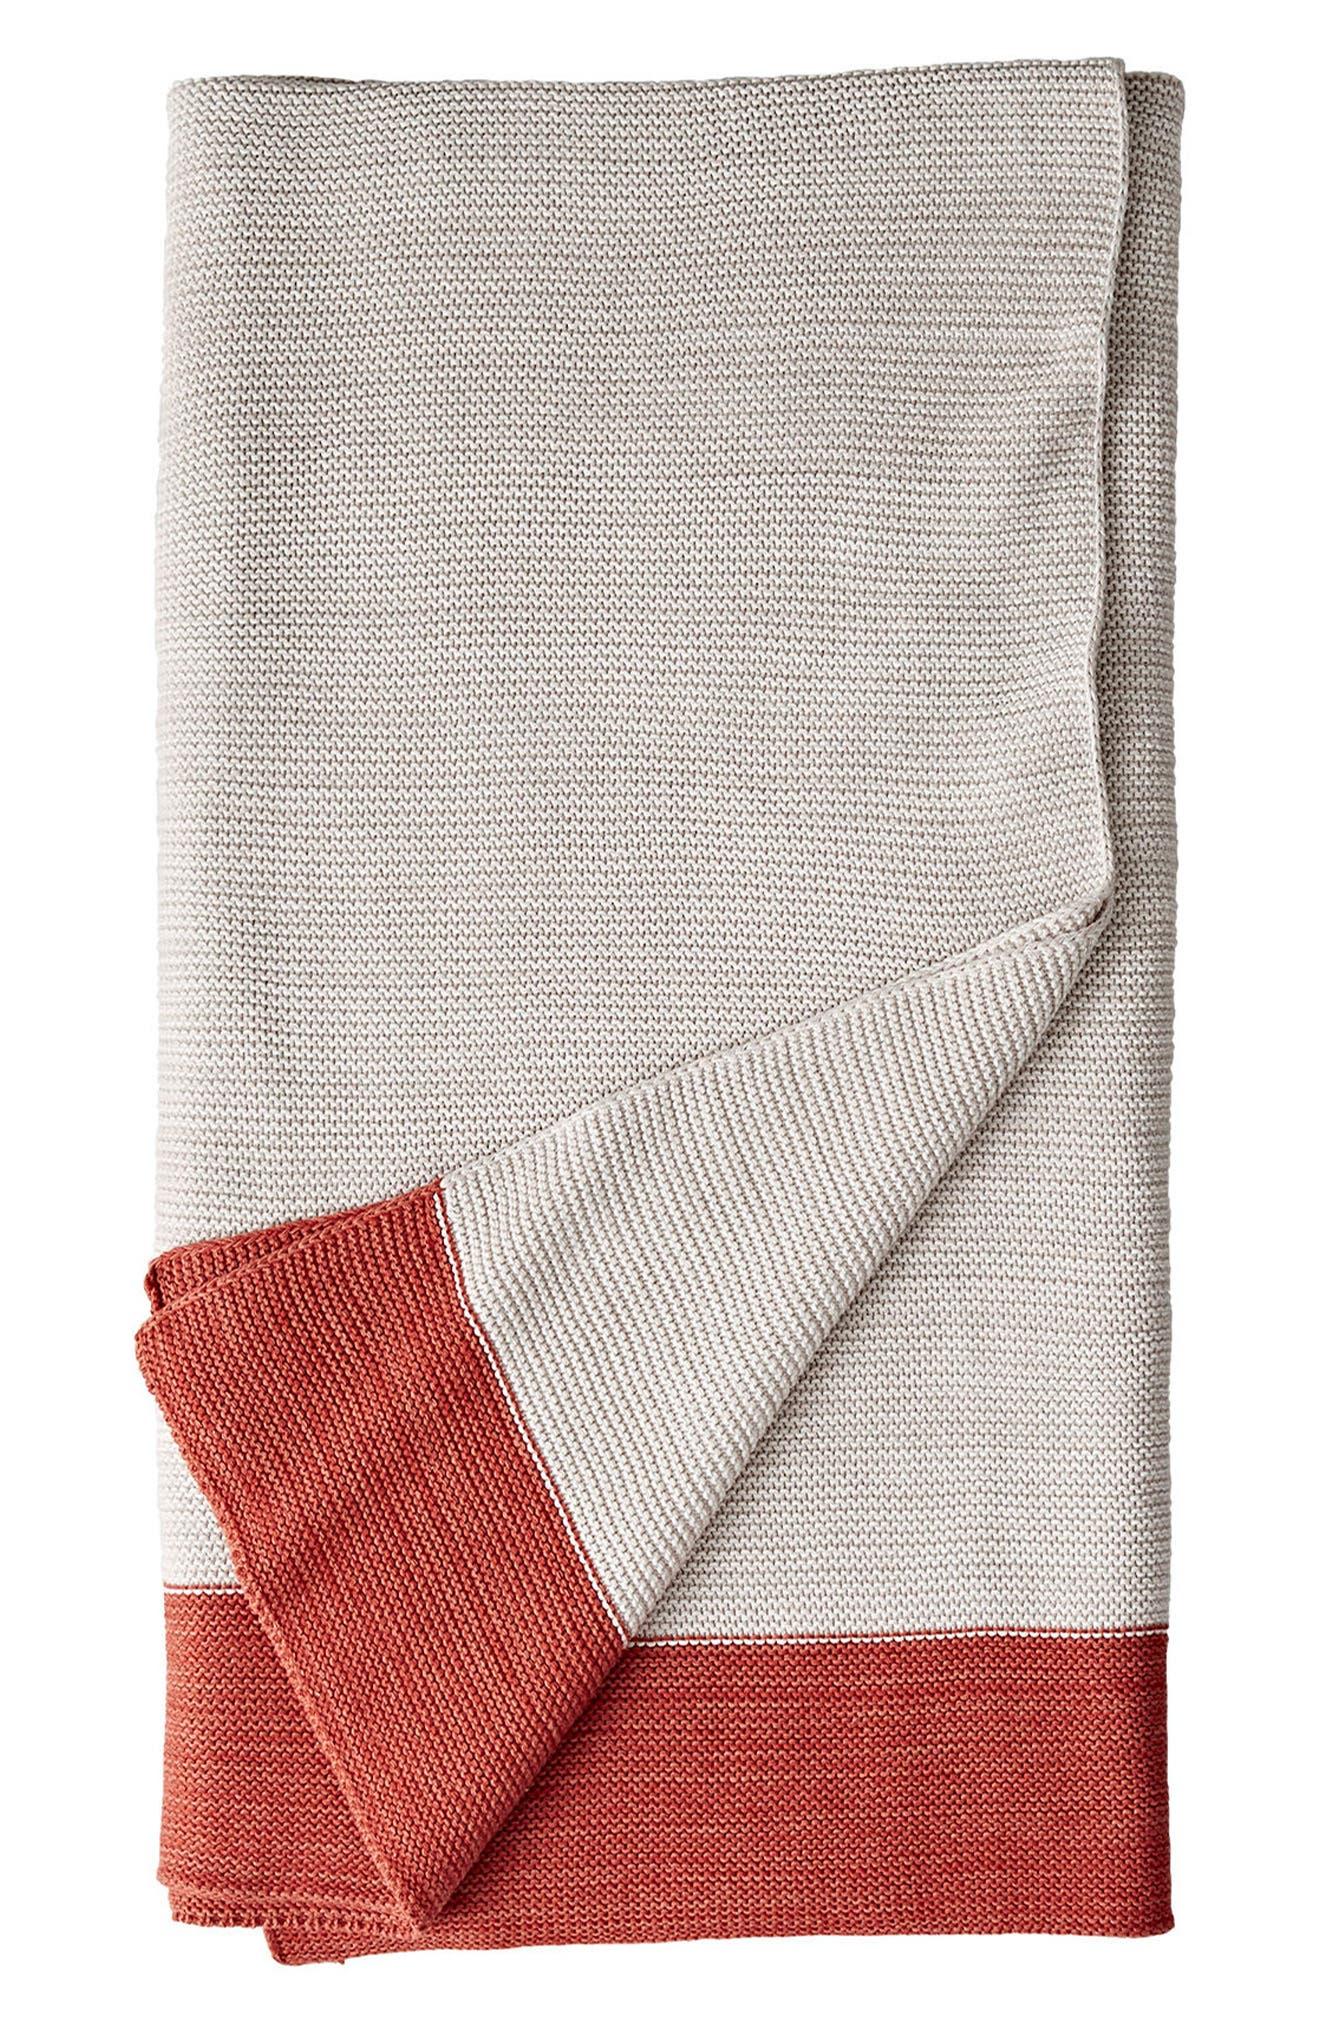 Marled Knit Throw,                             Main thumbnail 1, color,                             600